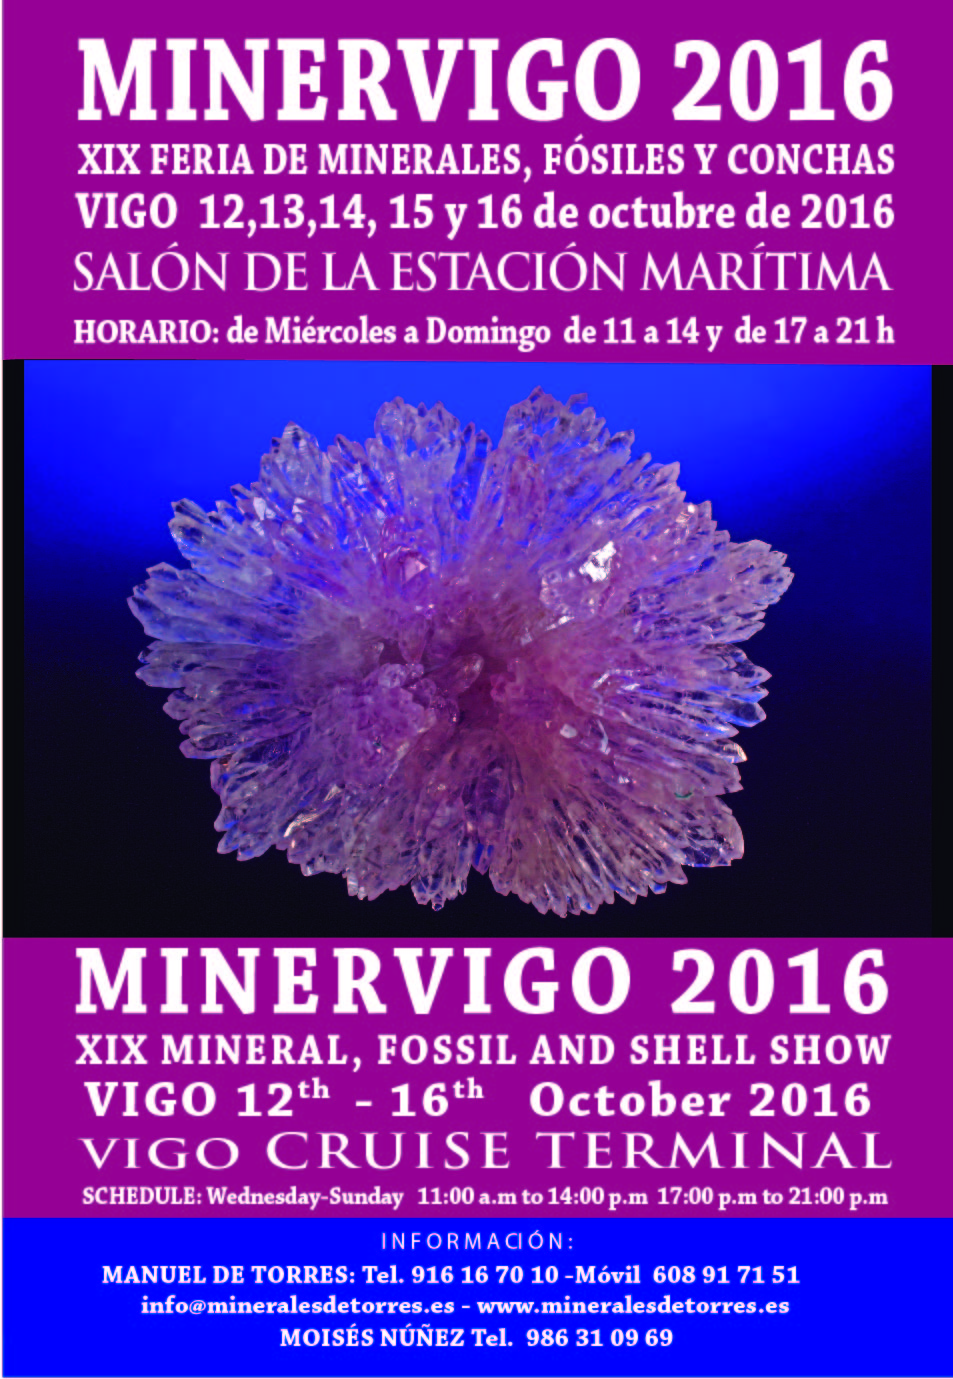 carteles minervigo 2016-01